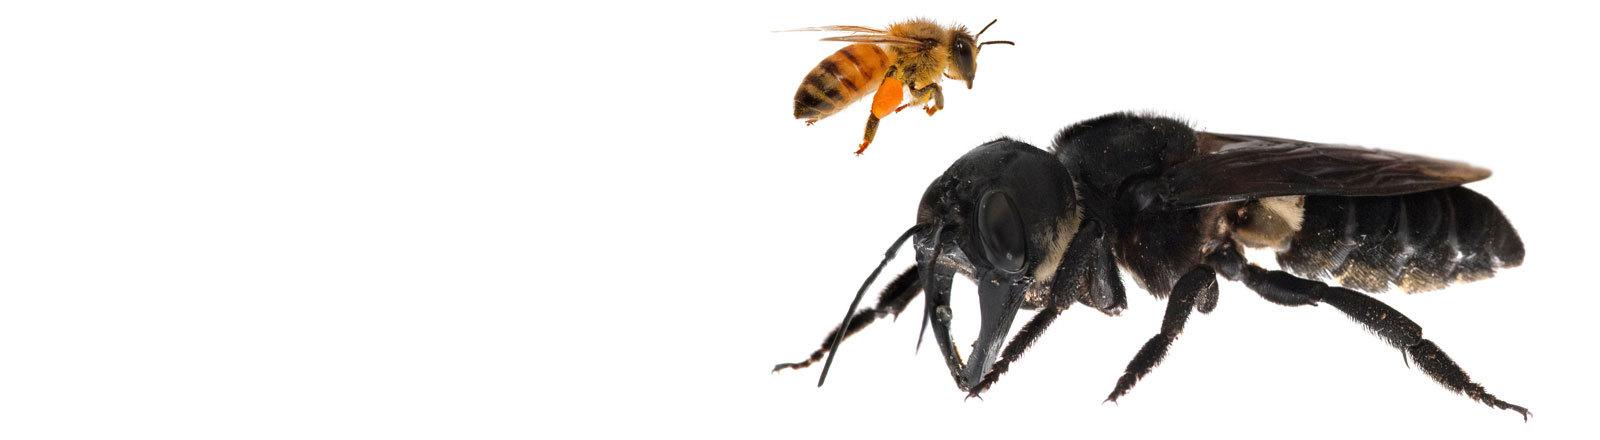 Eines der ersten Bilder der Wallace-Riesenbiene - sie wird etwa viermal so groß wie eine europäische Honigbiene.